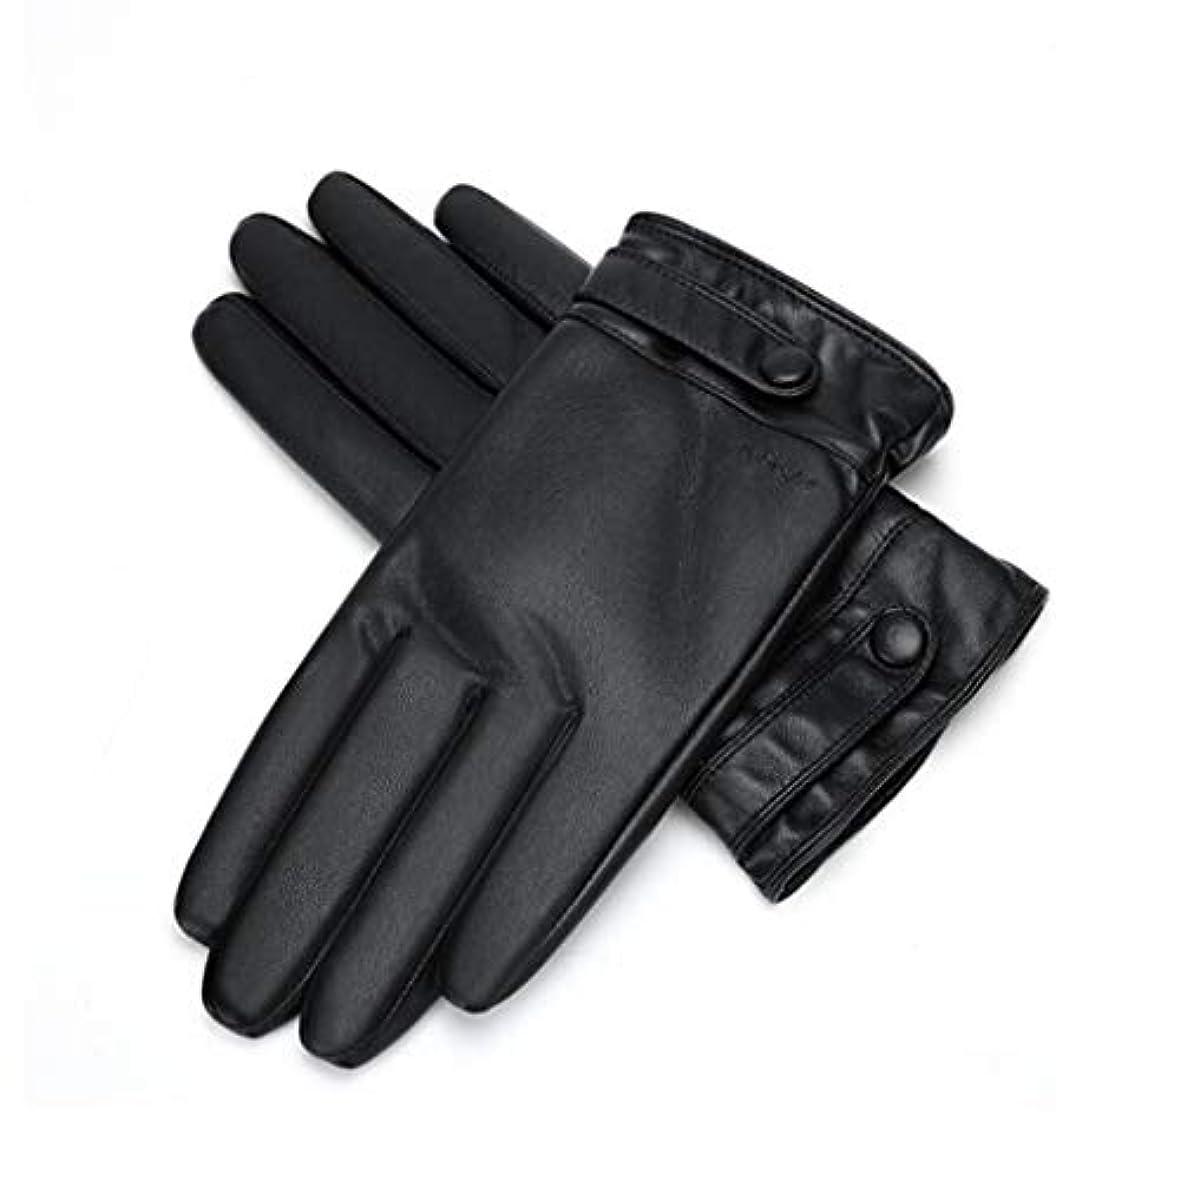 のヒープオーガニック砦暖かい秋と冬を保つためにメンズ革手袋のタッチスクリーンメンズ自転車厚いぬいぐるみ手袋 (サイズ さいず : L21*8.9cm)